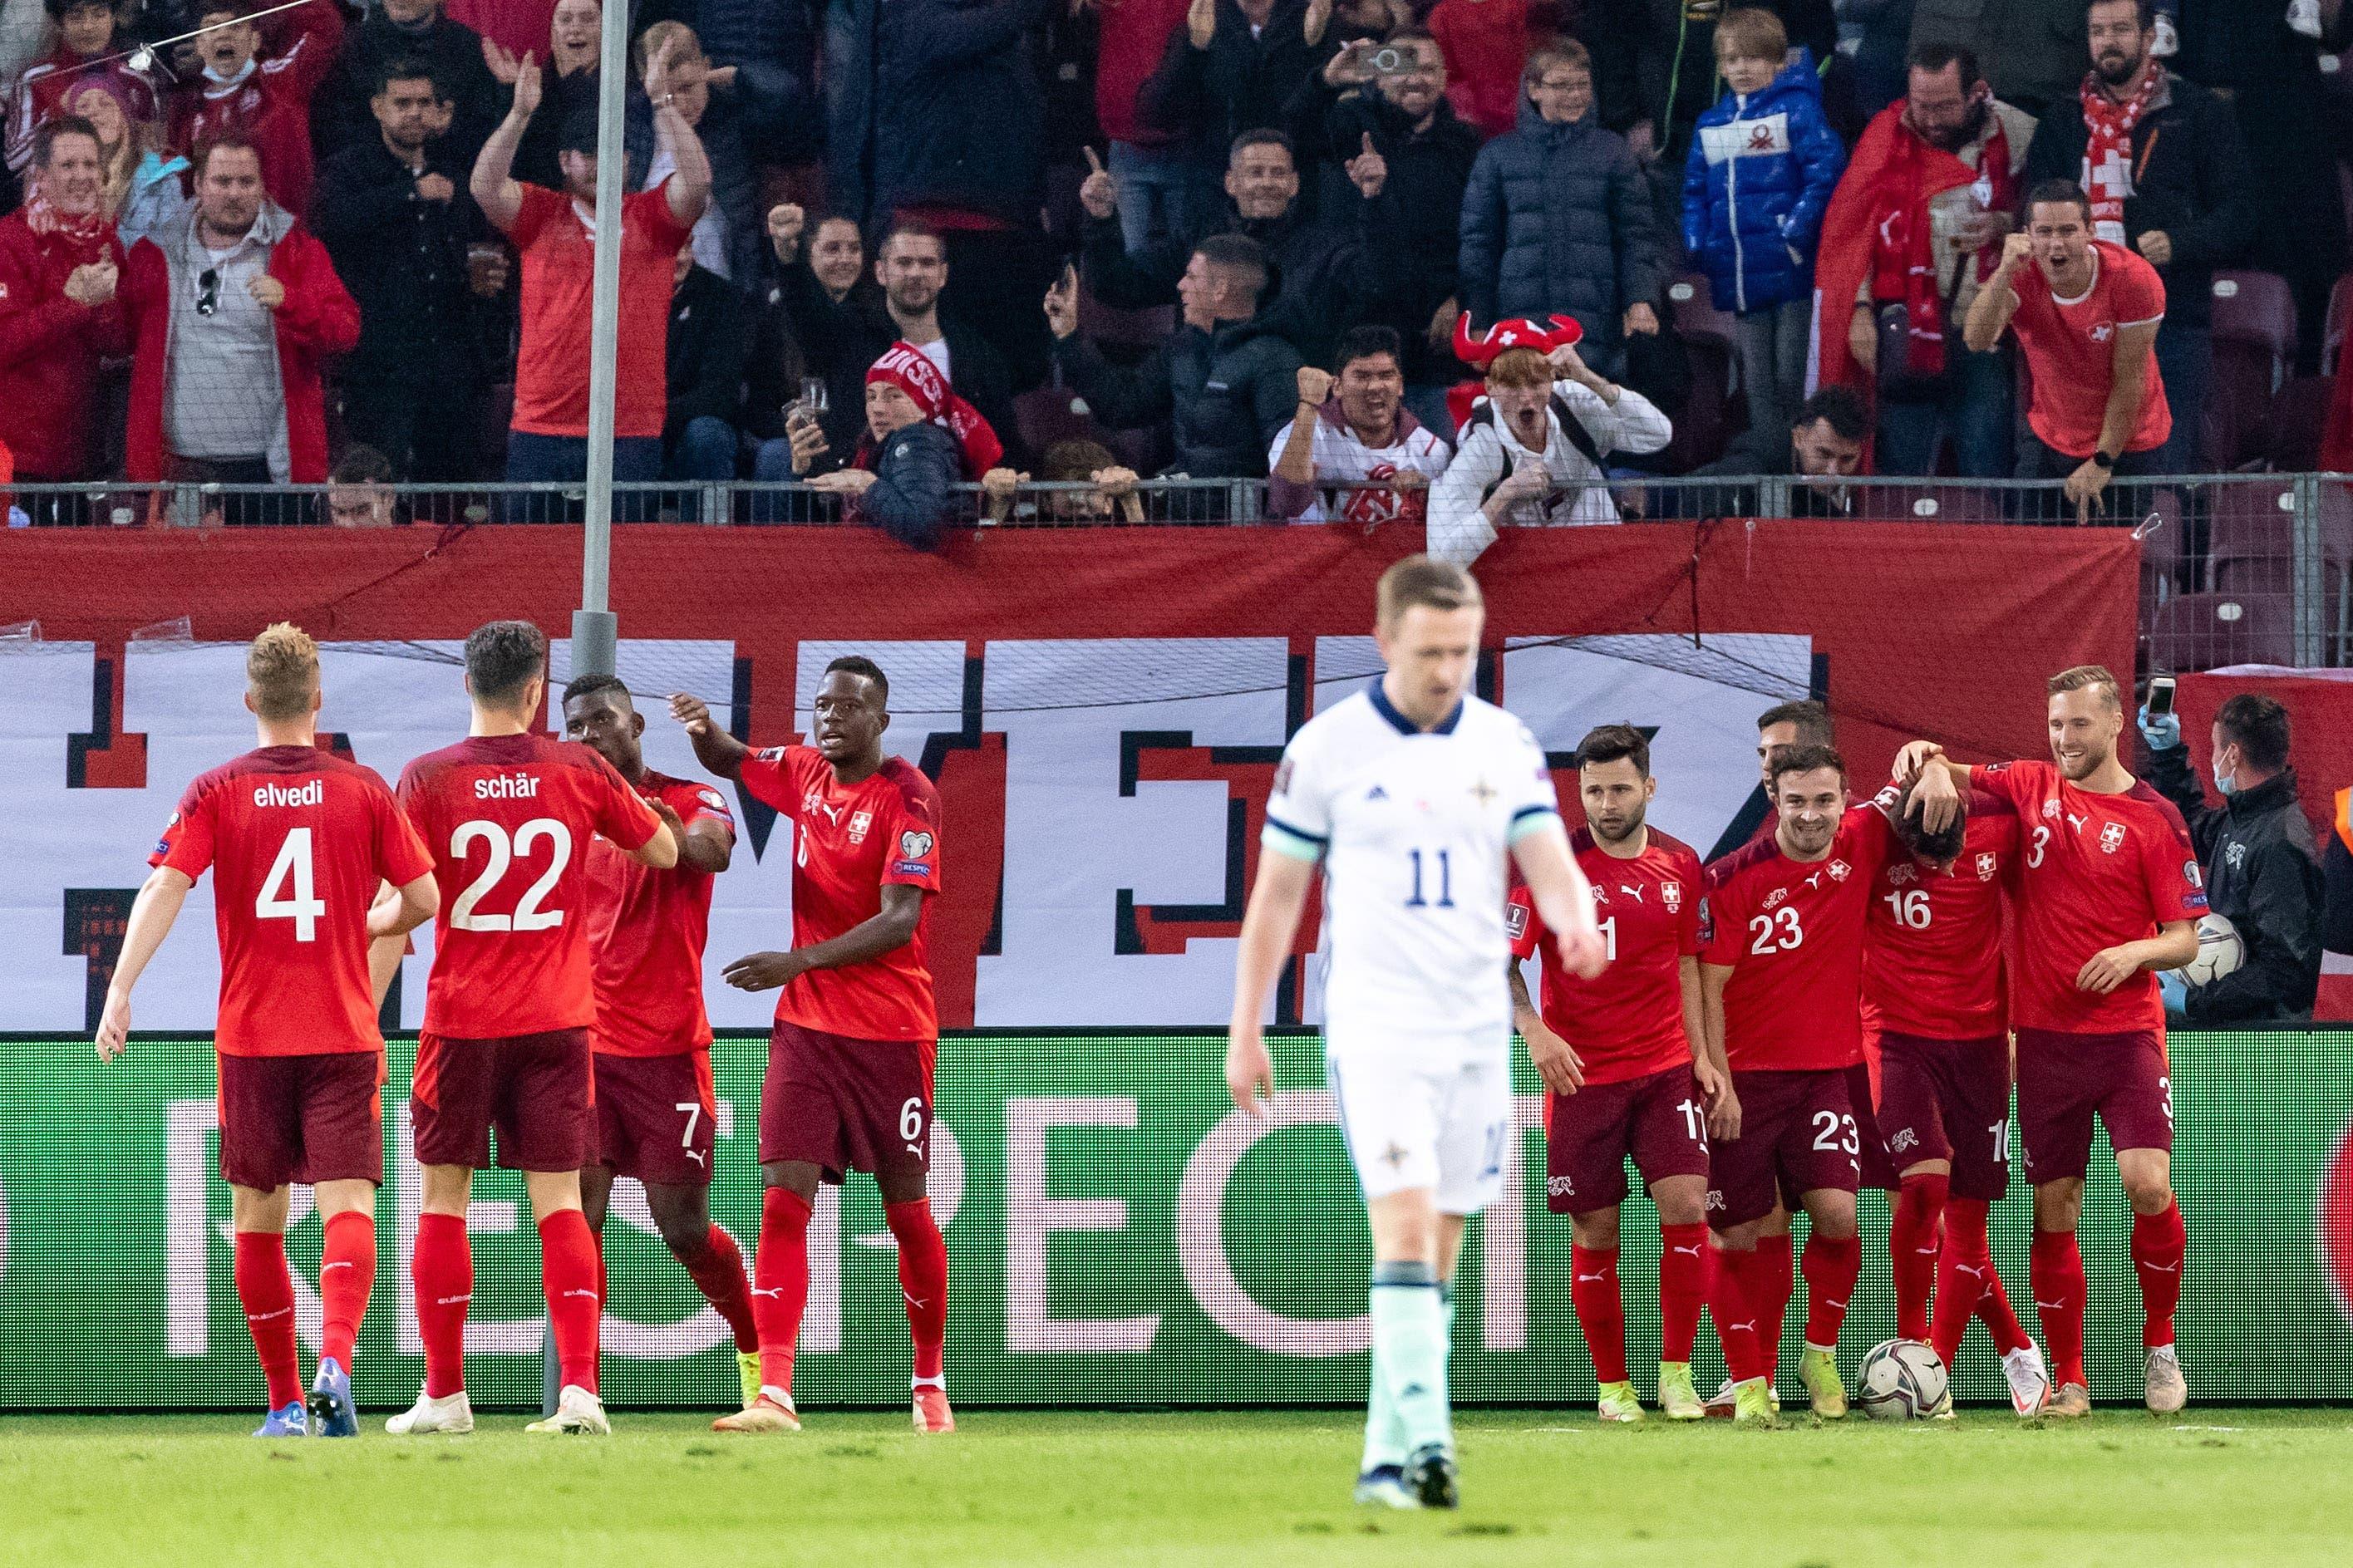 Die Schweiz jubelt nach dem Tor zum 2:0 von Christian Fassnacht. Enttäuschung bei Shane Ferguson.